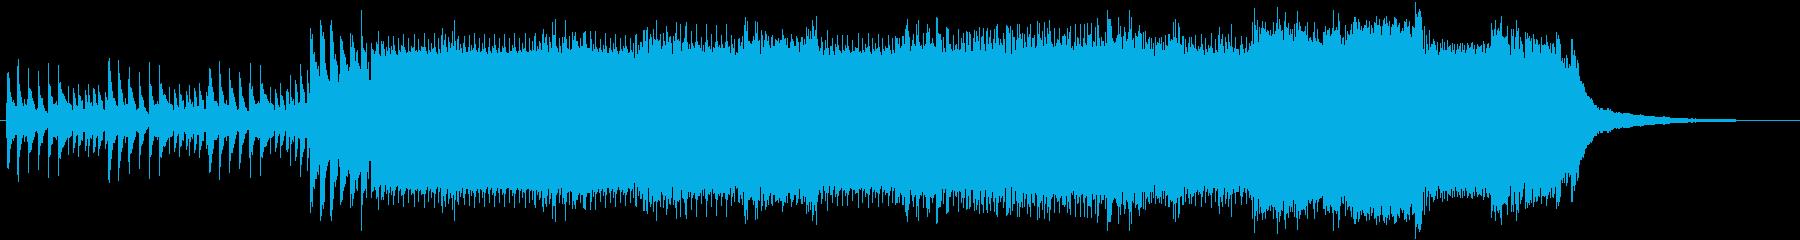 ゲーム シリアス 緊張感 ピアノ曲の再生済みの波形